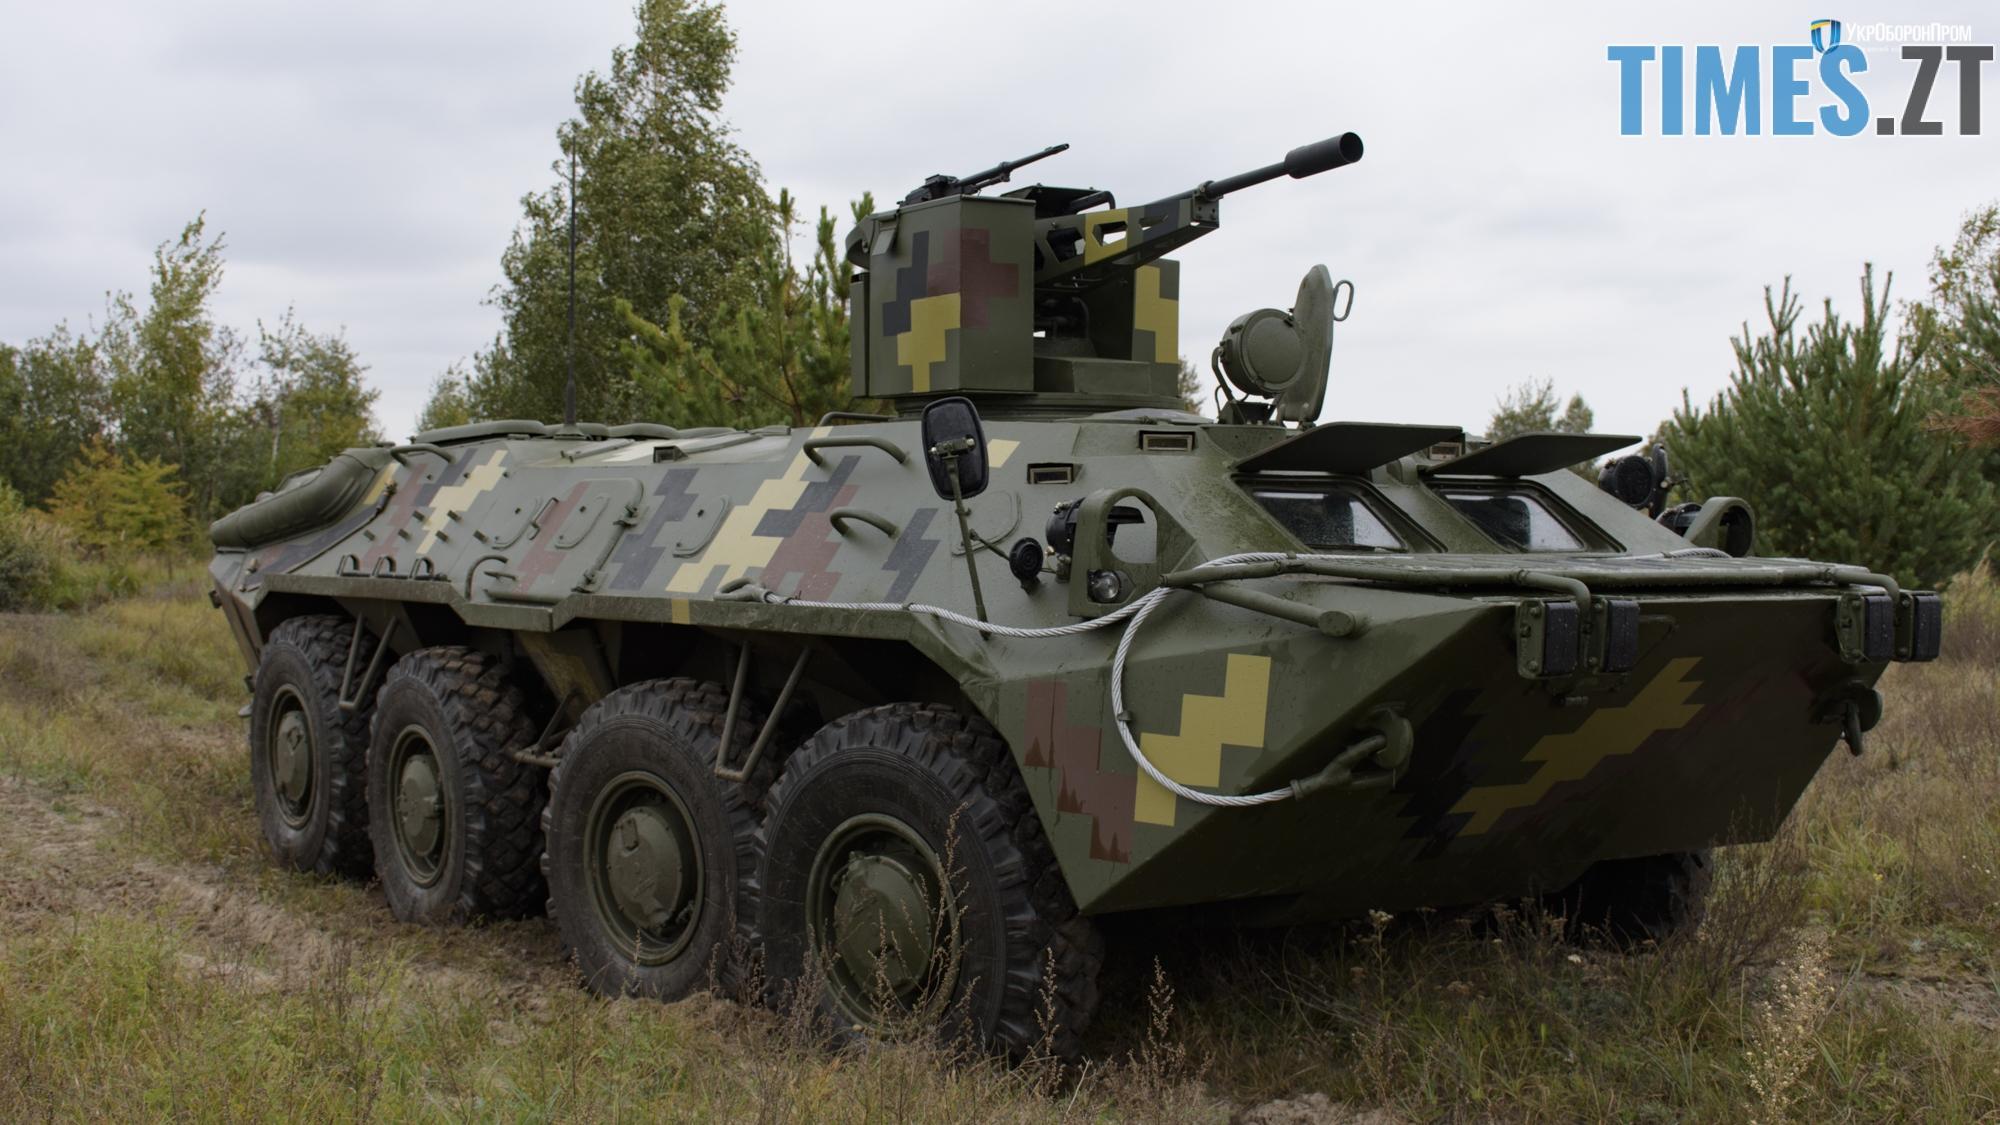 DSC0916 - Швидкий, надійний, мобільний та потужний: Житомирський бронетанковий завод презентував оновлений бронетранспортер